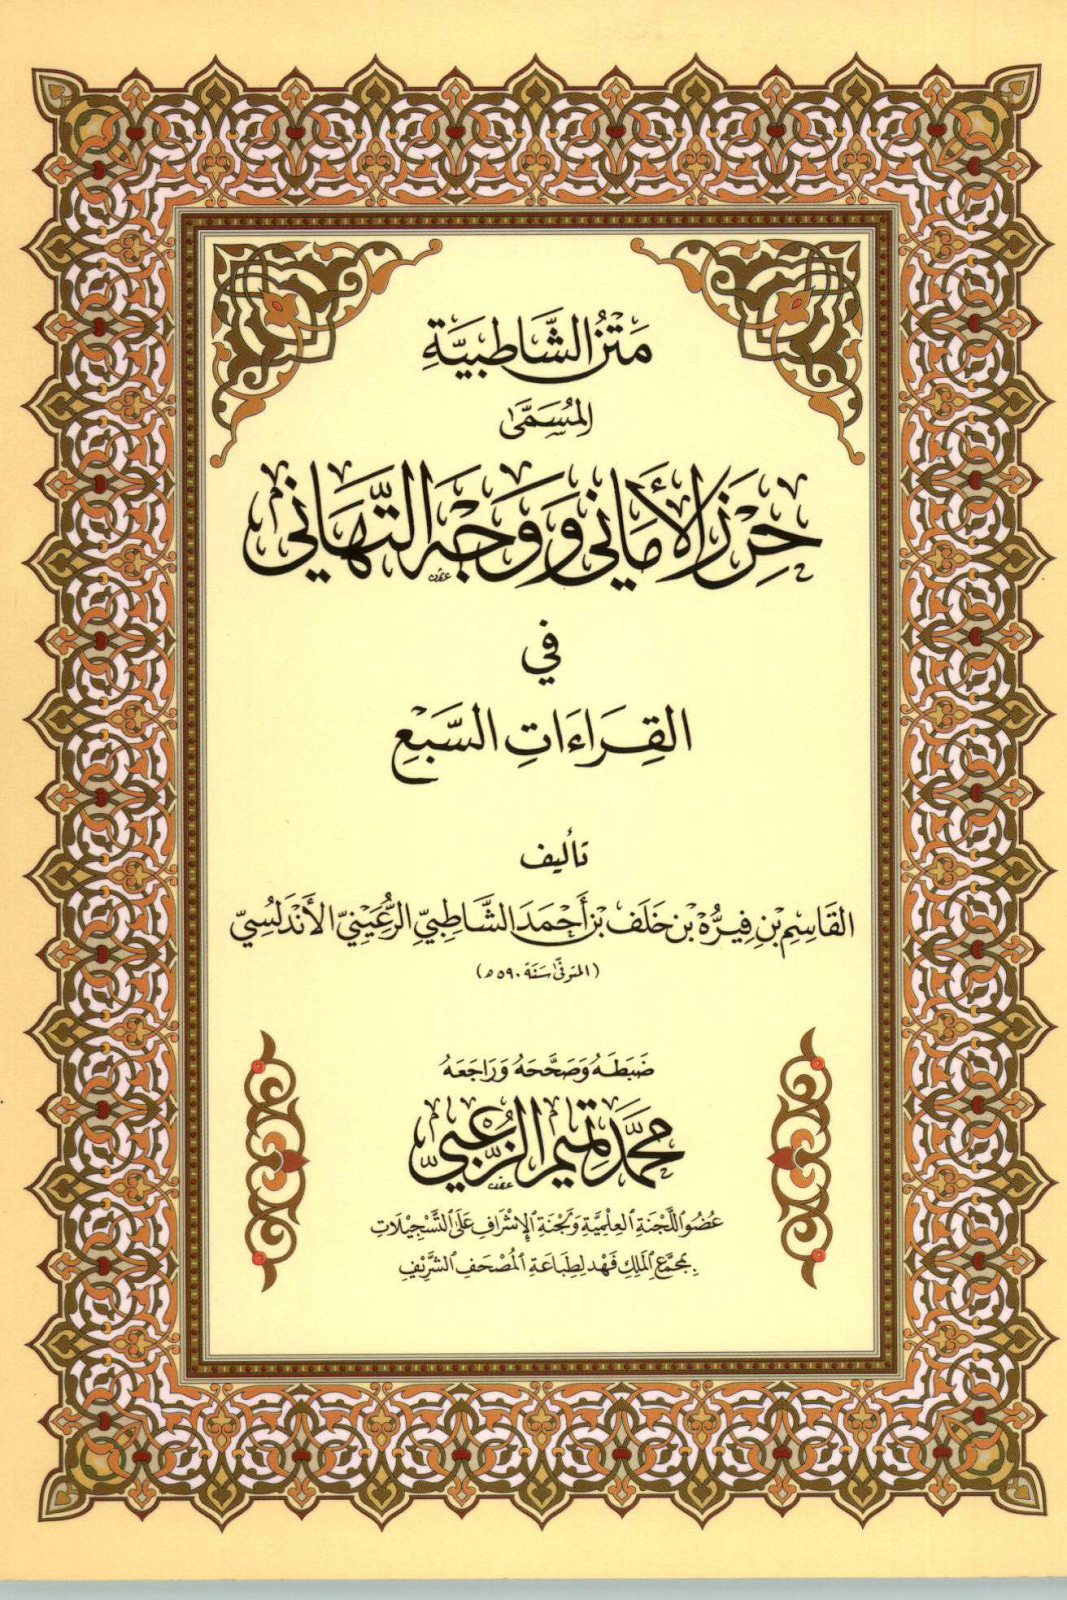 متن الشاطبية كامل بصوت الشيخ : صالح عبد المقصود صالح (أبو عمر)